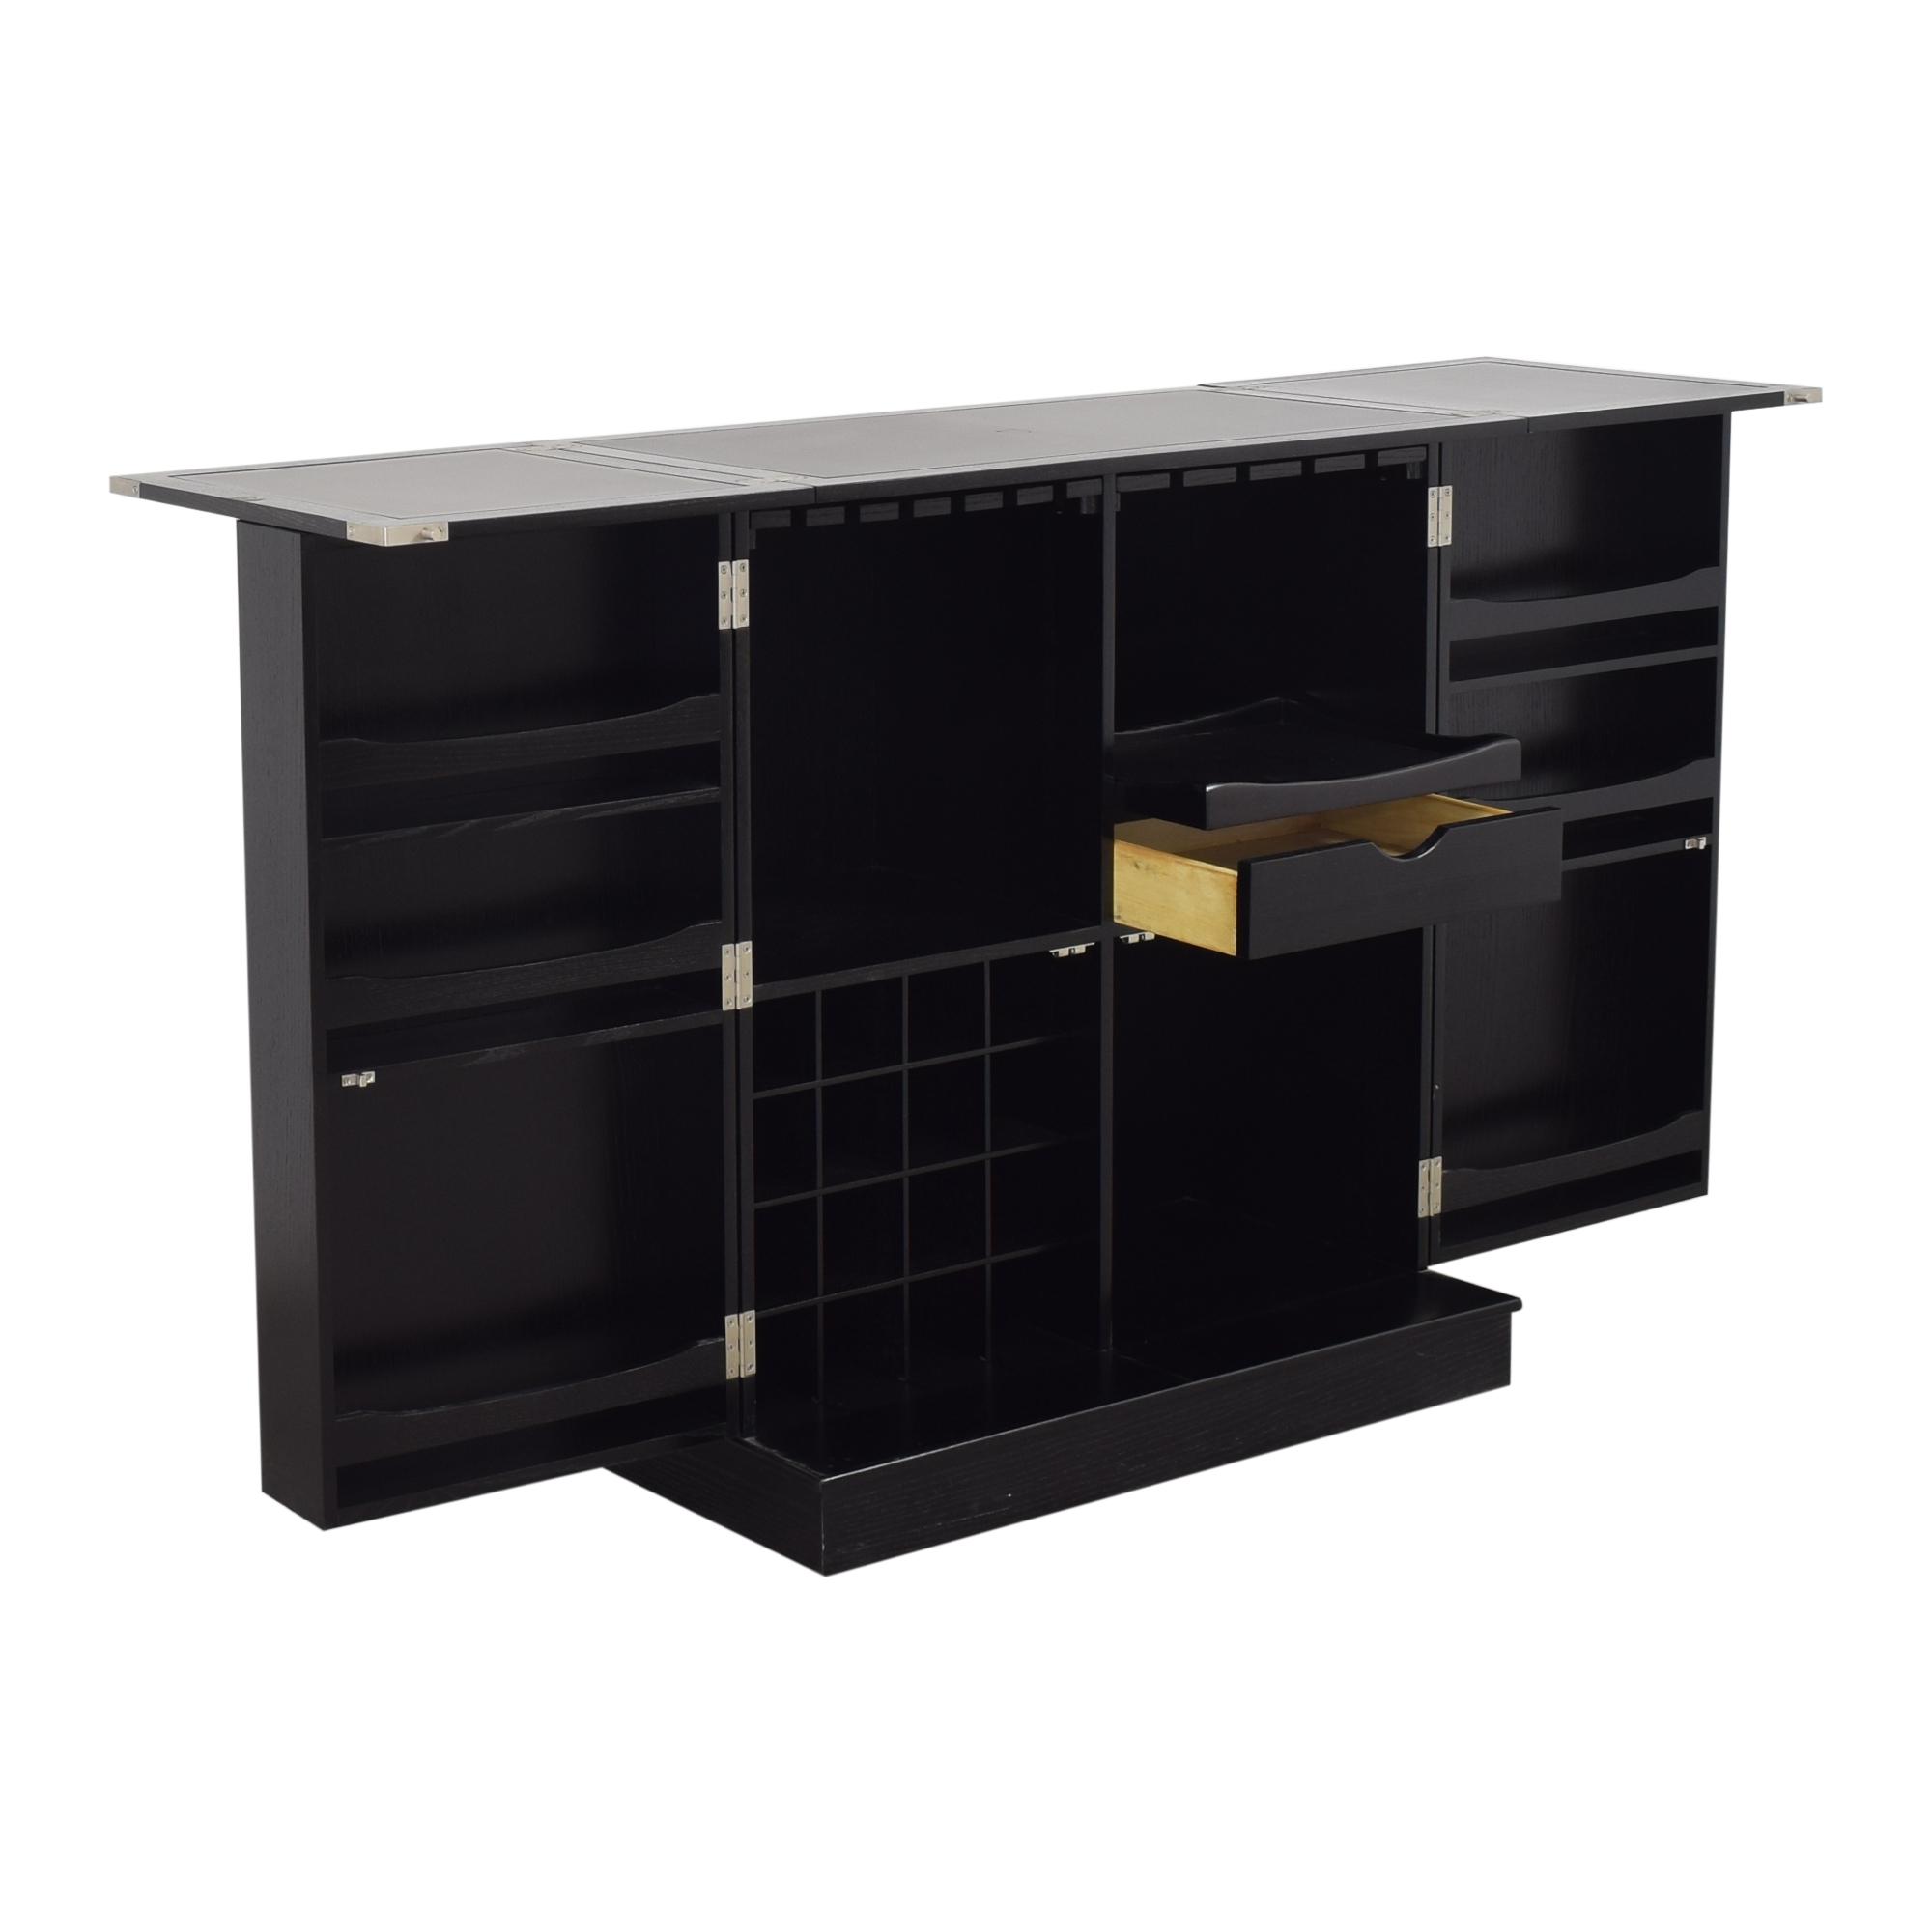 Crate & Barrel Crate & Barrel Steamer Bar Cabinet on sale